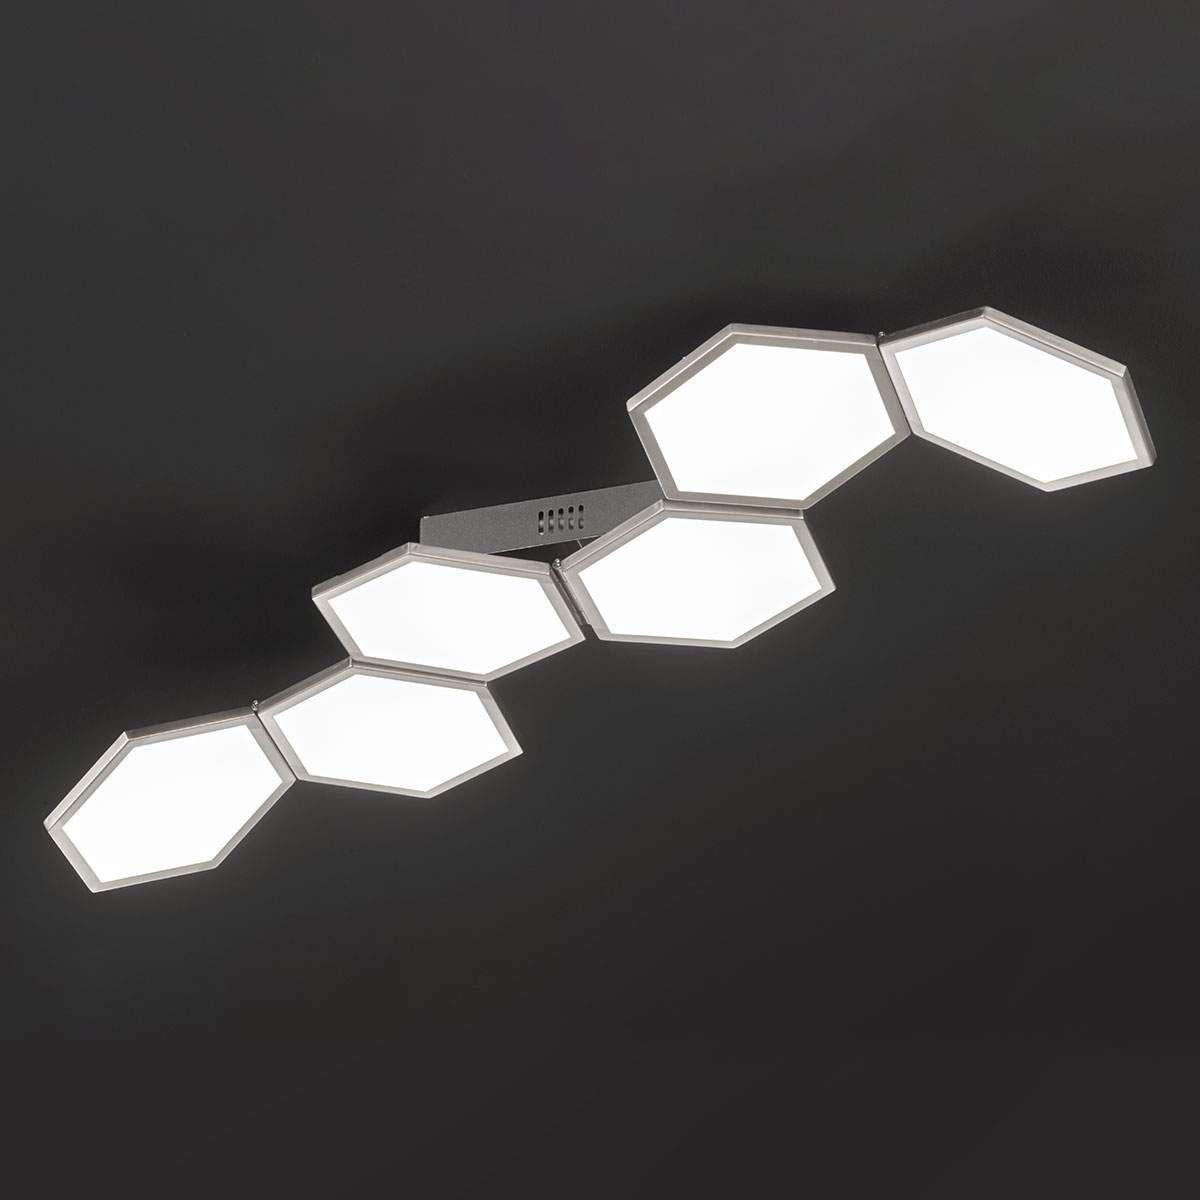 led deckenbeleuchtung wohnzimmer | deckenleuchten wohnzimmer led ...